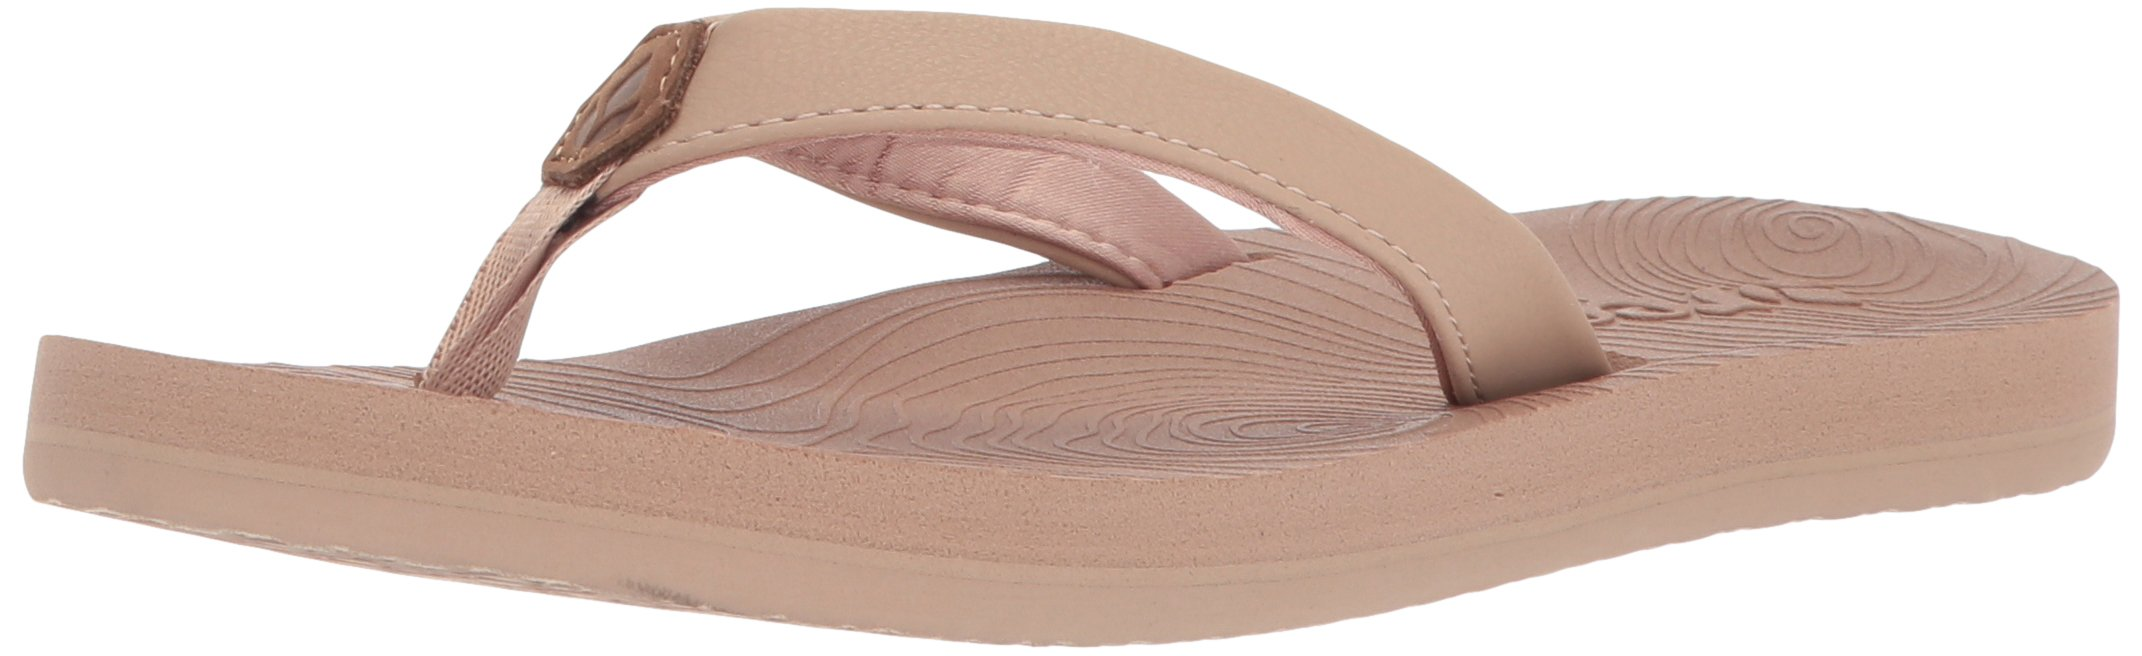 Reef Women's Zen Love Sandal, Nude, 9 M US